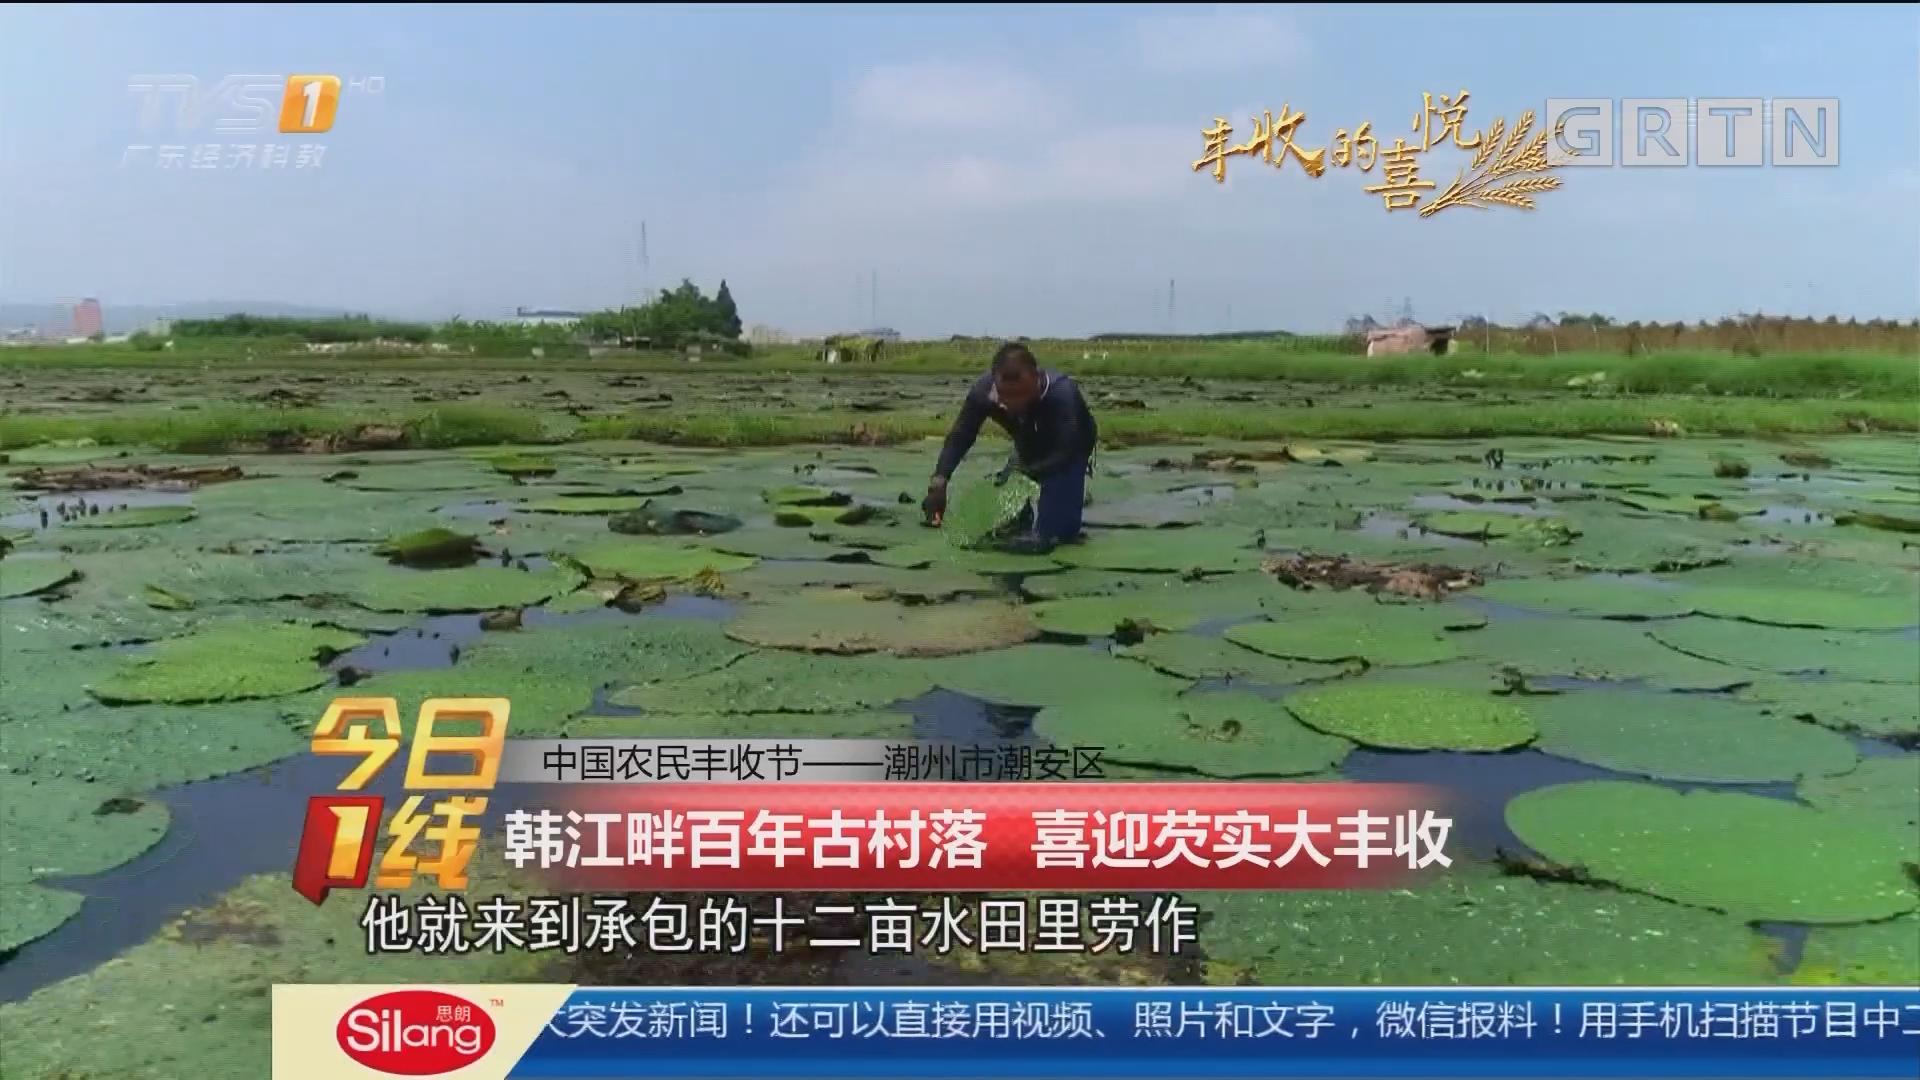 中国农民丰收节——潮州市潮安区 韩江畔百年古村落 喜迎芡实大丰收